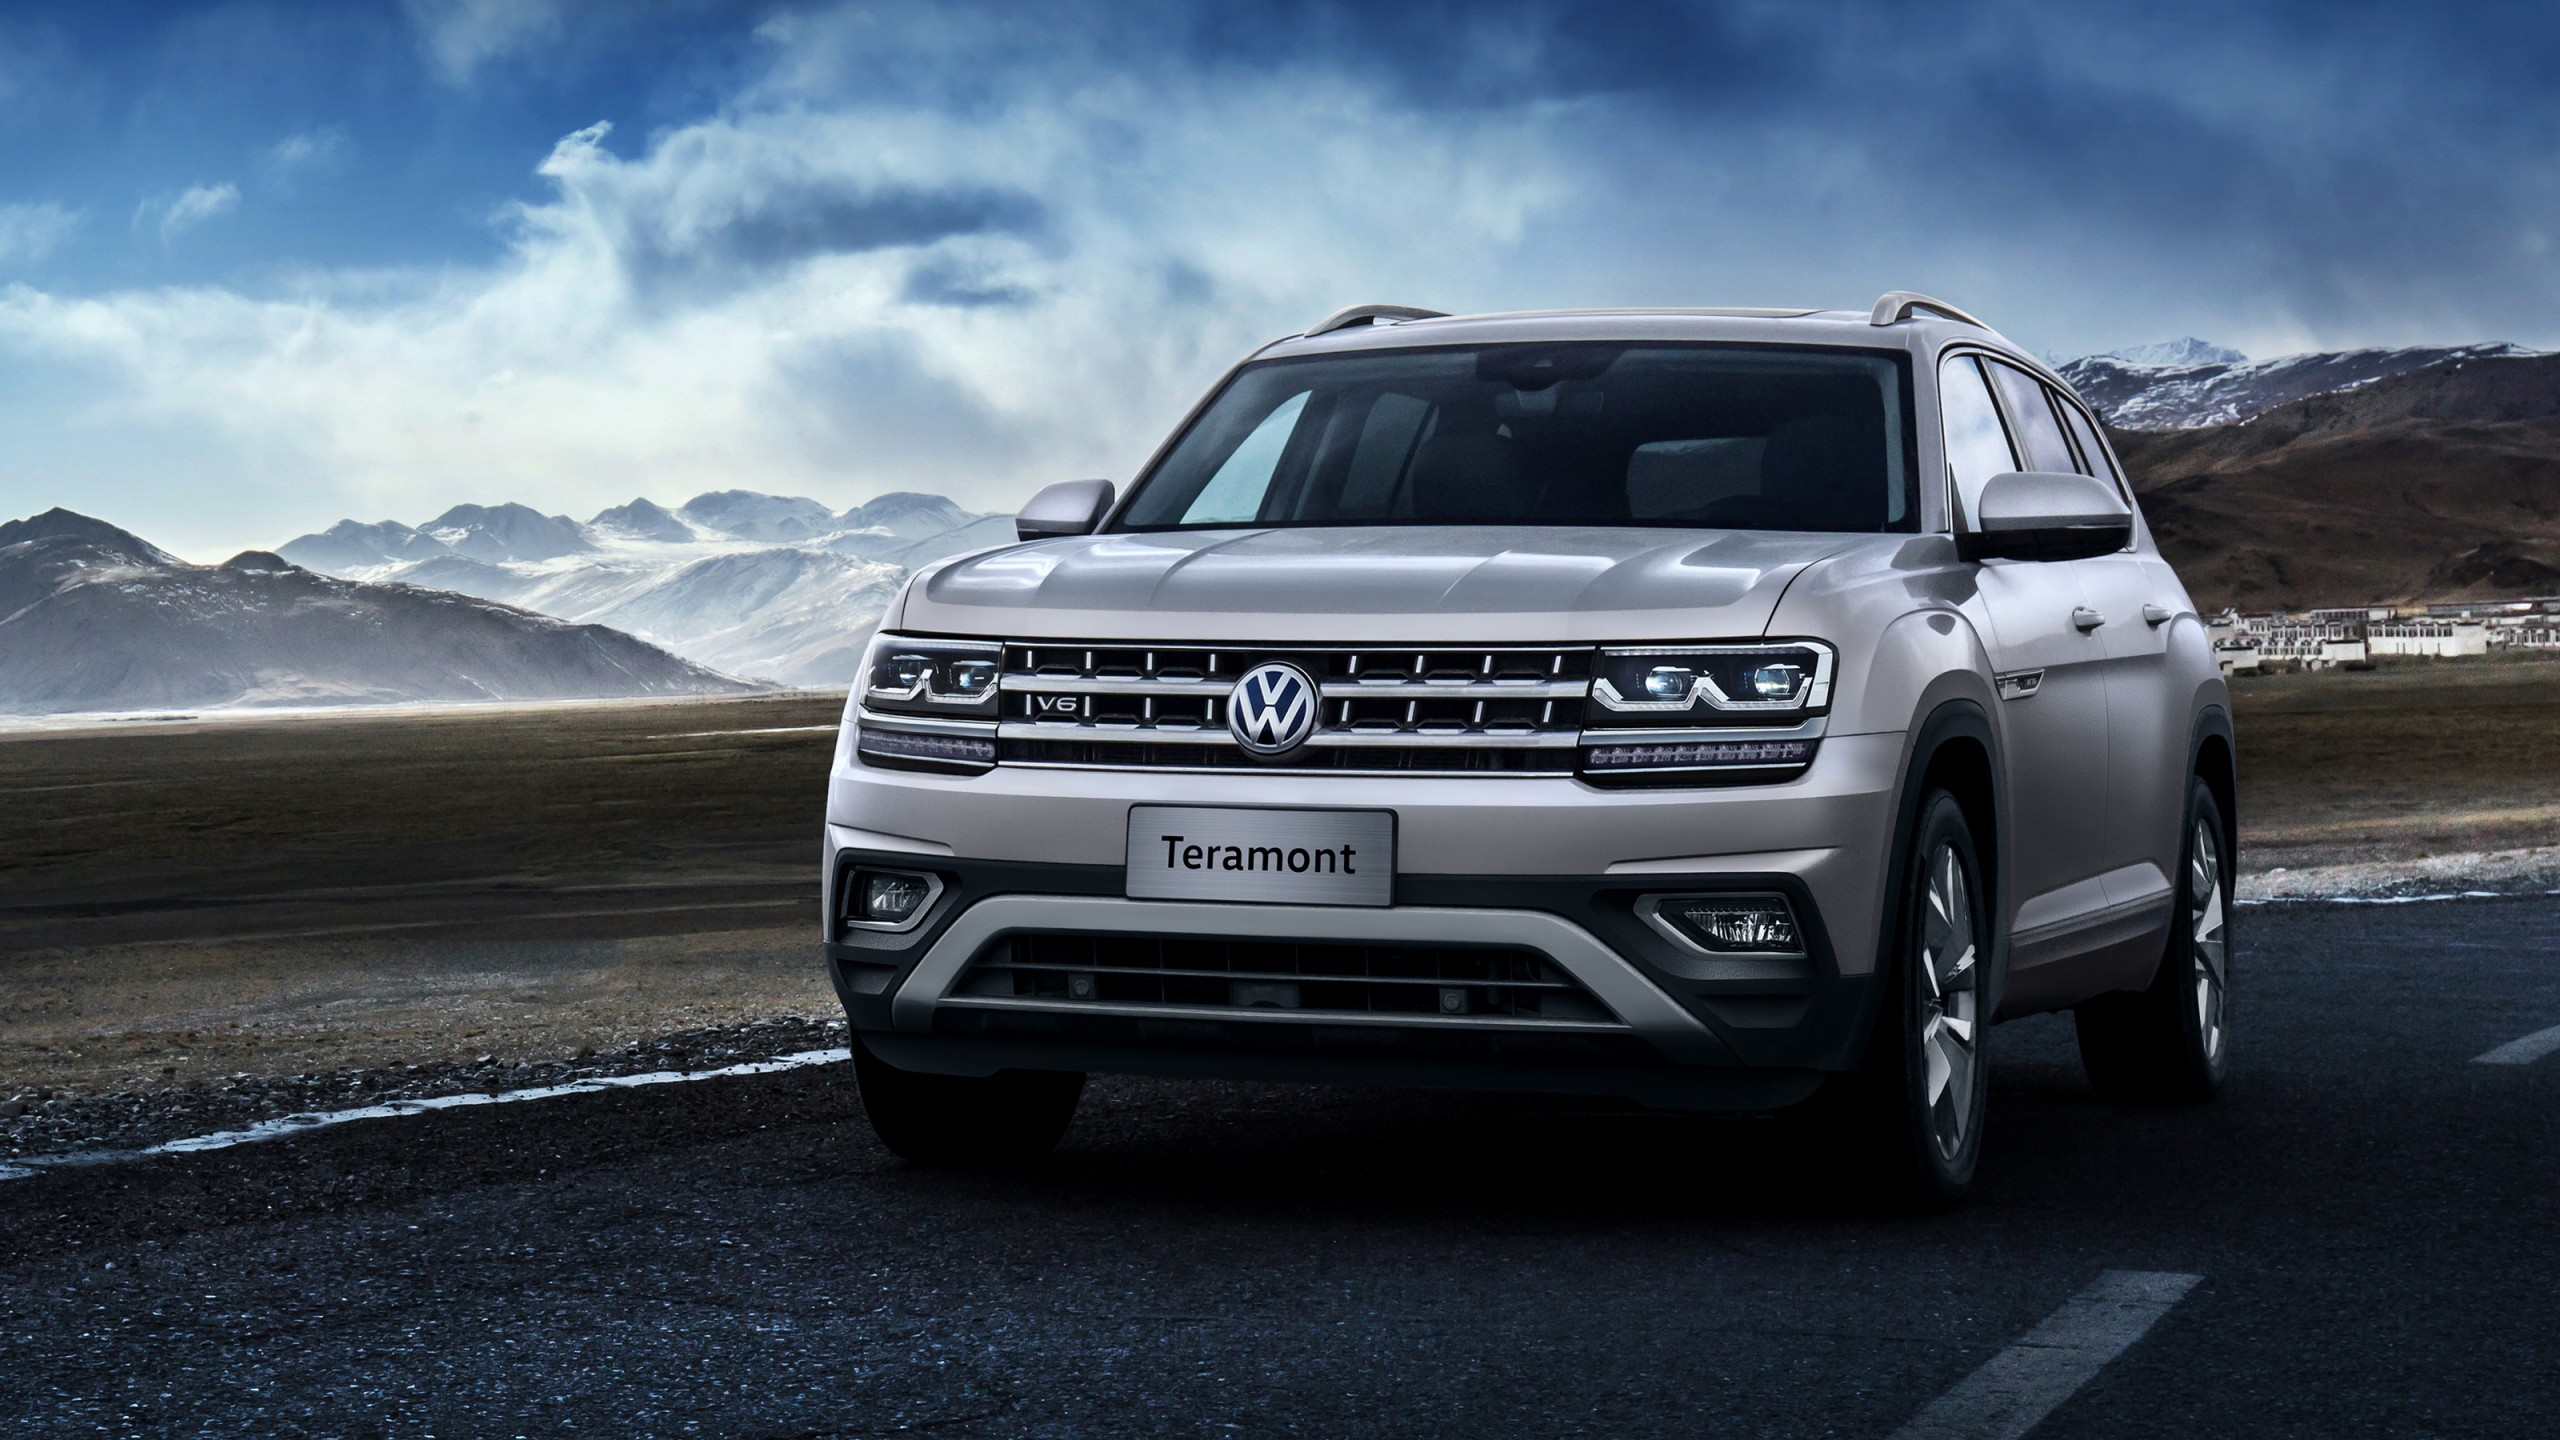 2019 Volkswagen Teramont Wallpaper | HD Car Wallpapers ...